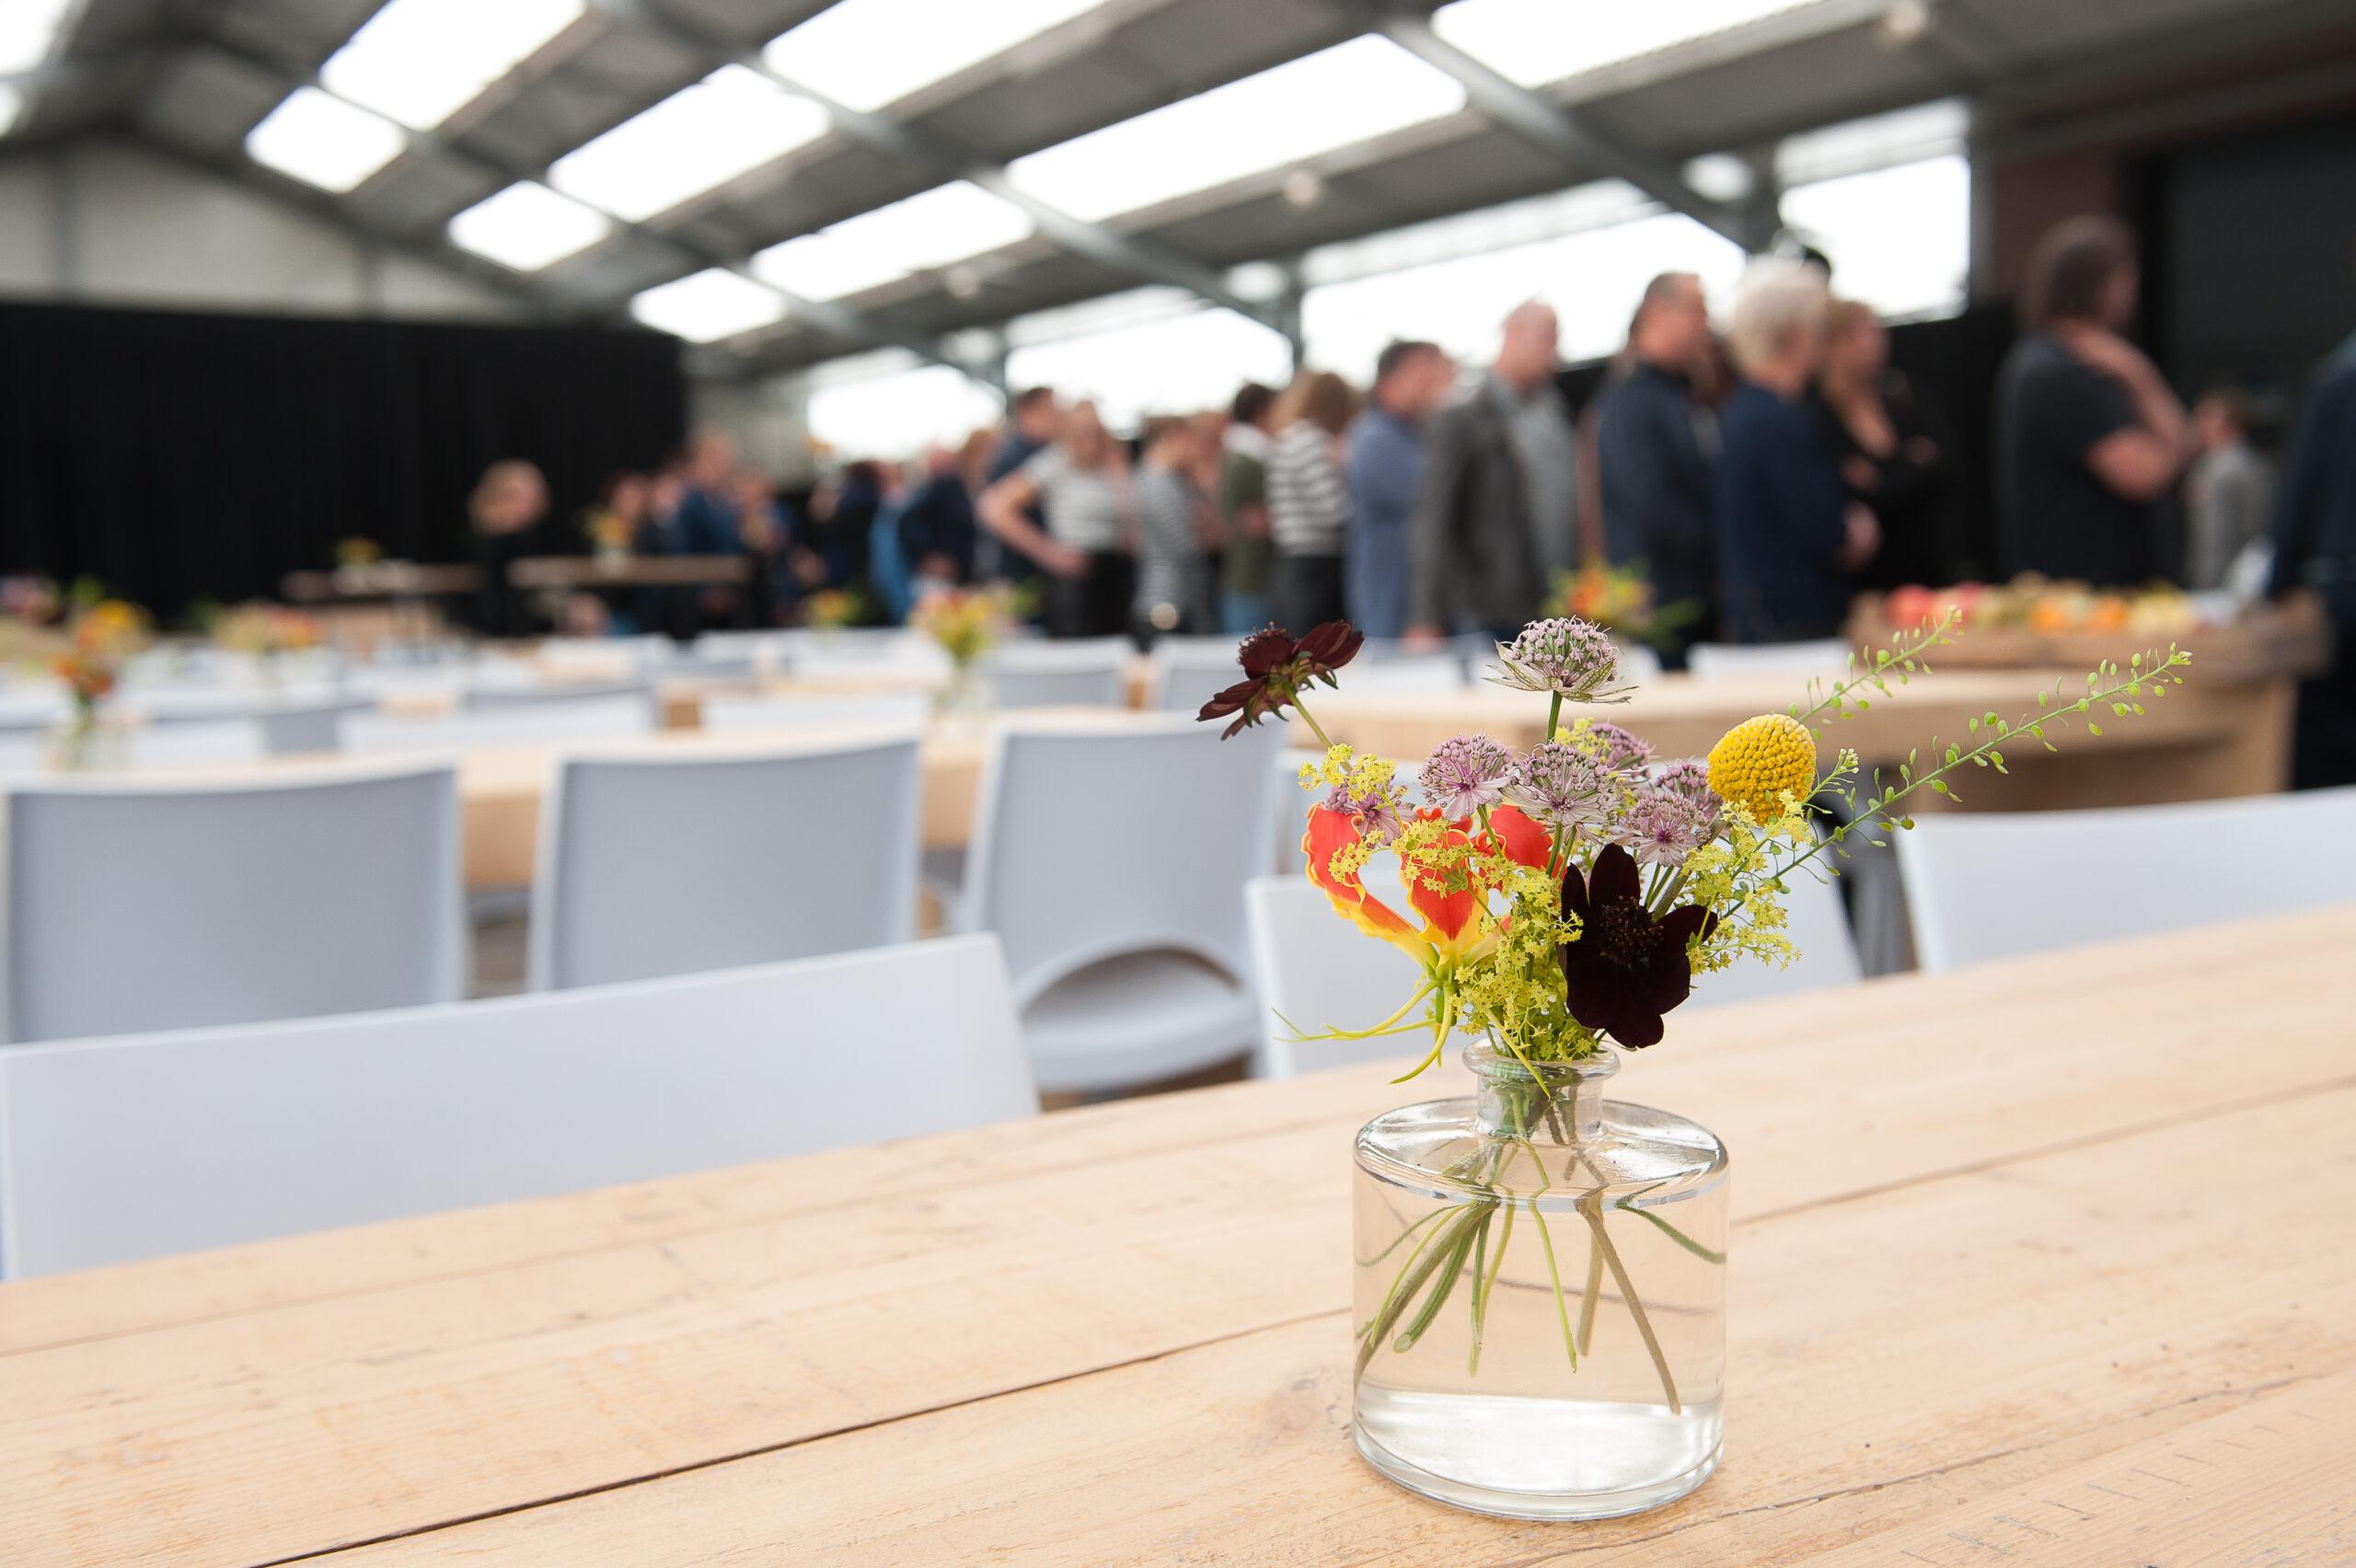 Een bloemstukje staat op tafel bij een uitvaart op locatie